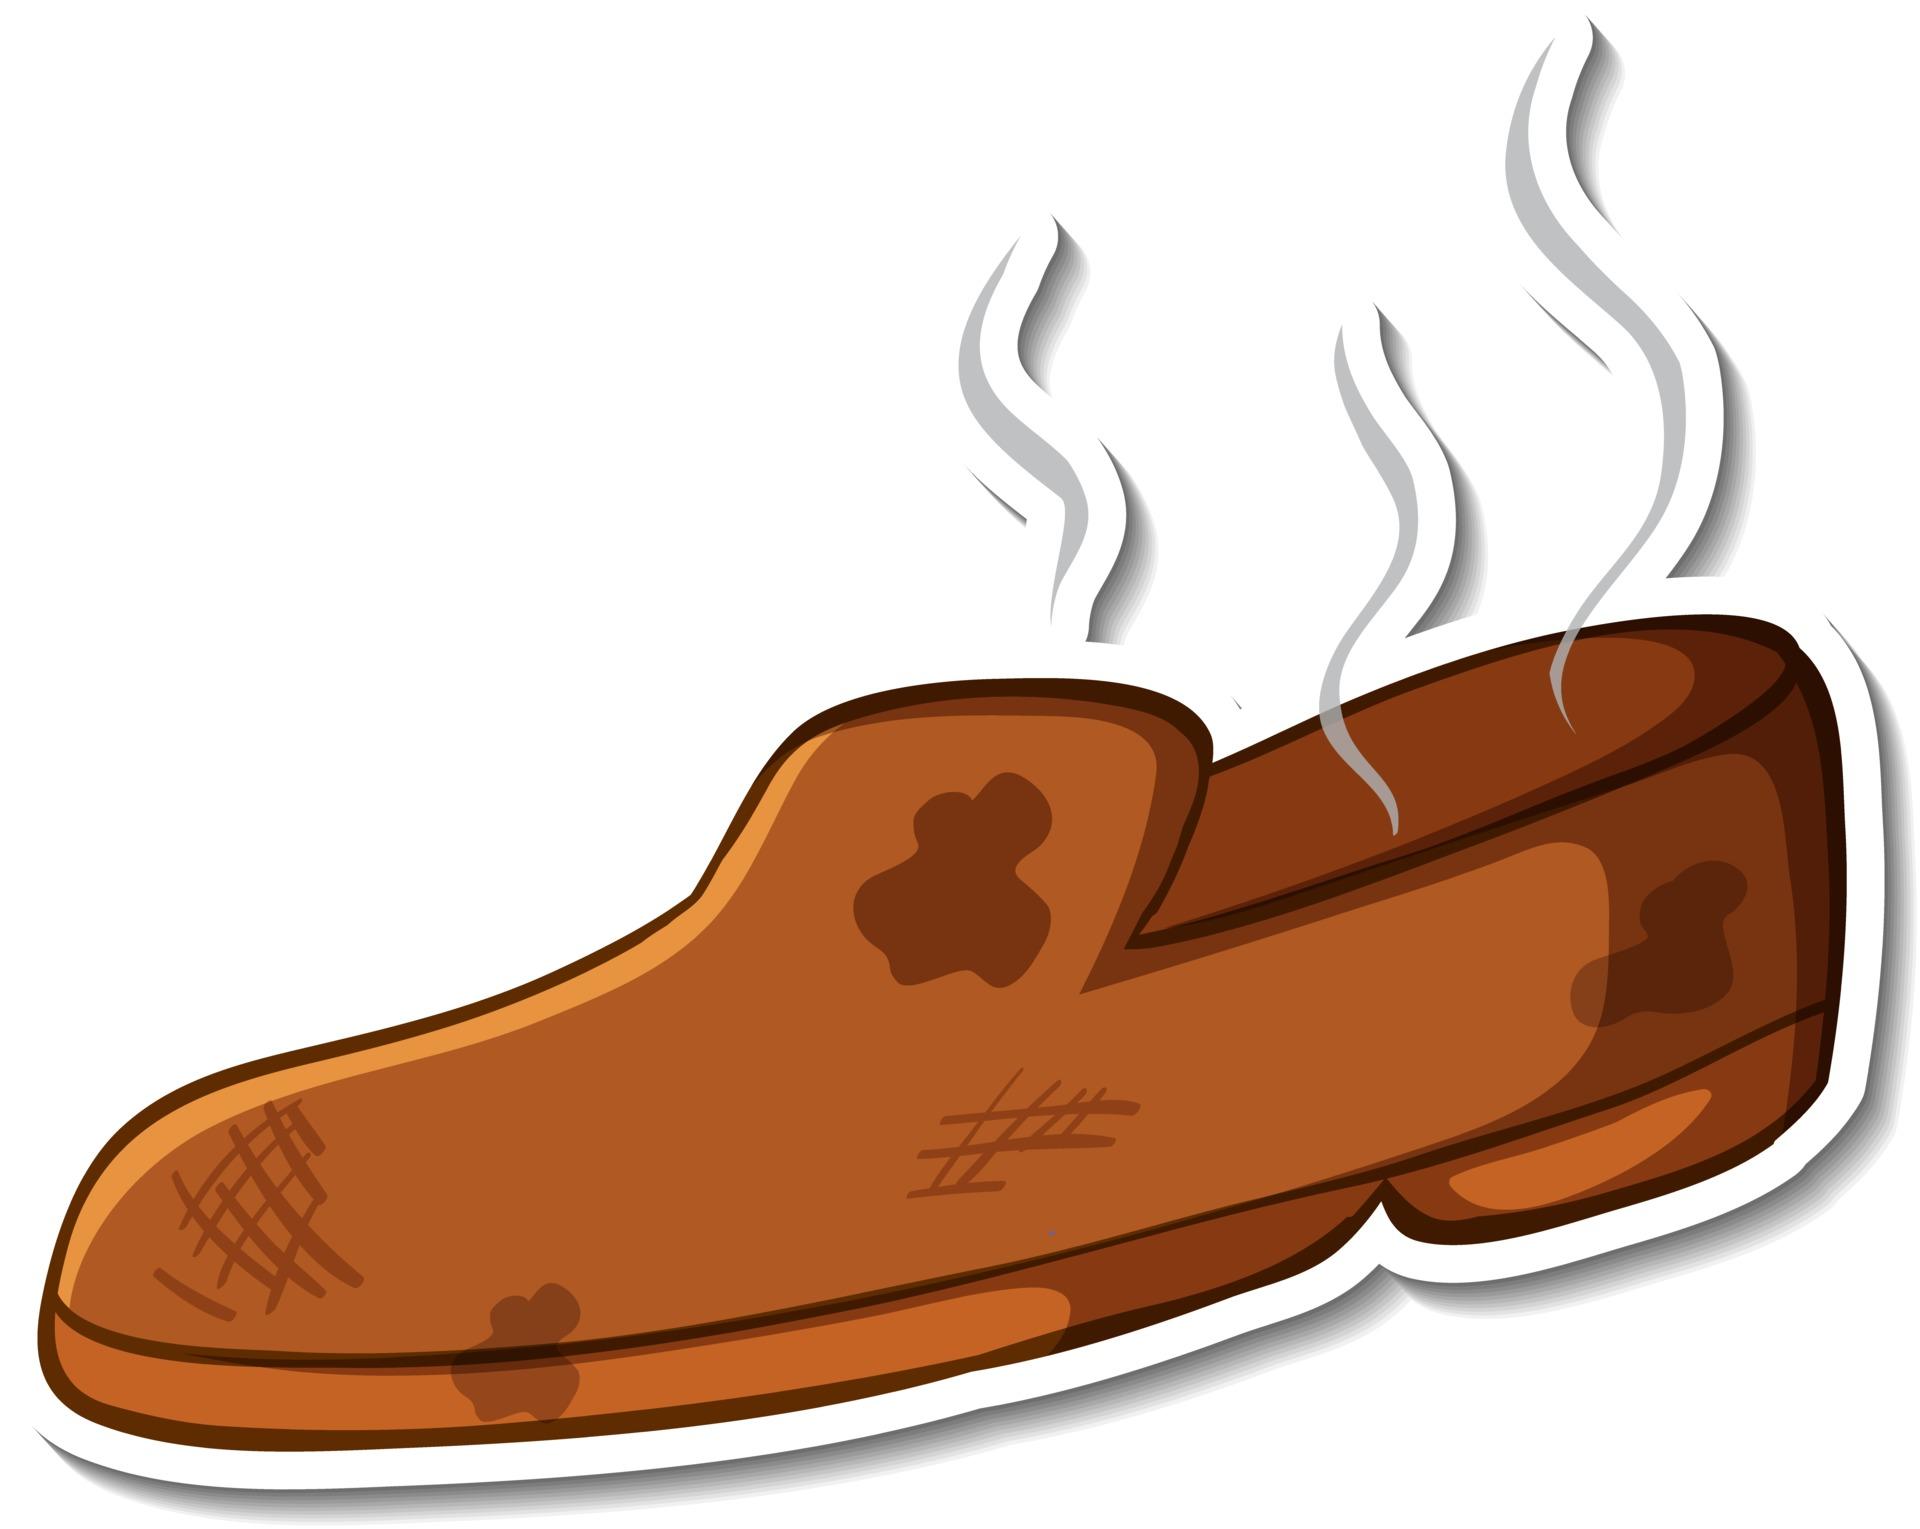 خرید بوراکس برای رفع بوی بد کفش